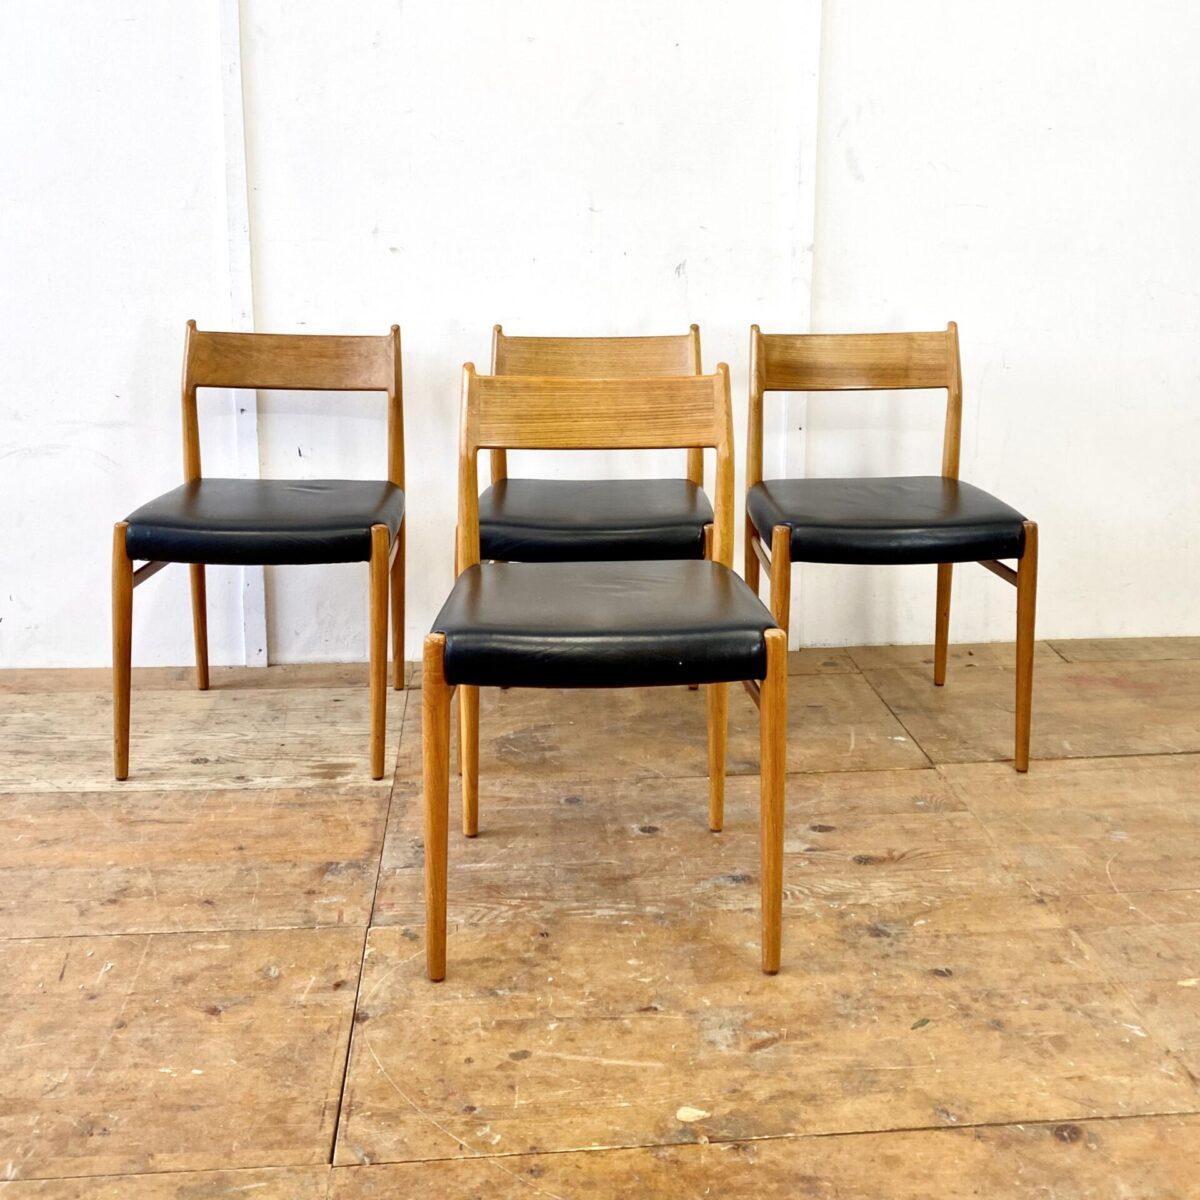 Deuxieme.shop midcentury teak Dinningchairs. Denmark. 8 Schlichte Skandinavische Teakstühle mit Leder Sitzfläche. Die Stühle werden im 4er oder 8er Set verkauft. Die Stühle sind gebraucht, wurden vor ca. 8 Jahren mit schwarzem Leder neu bezogen.